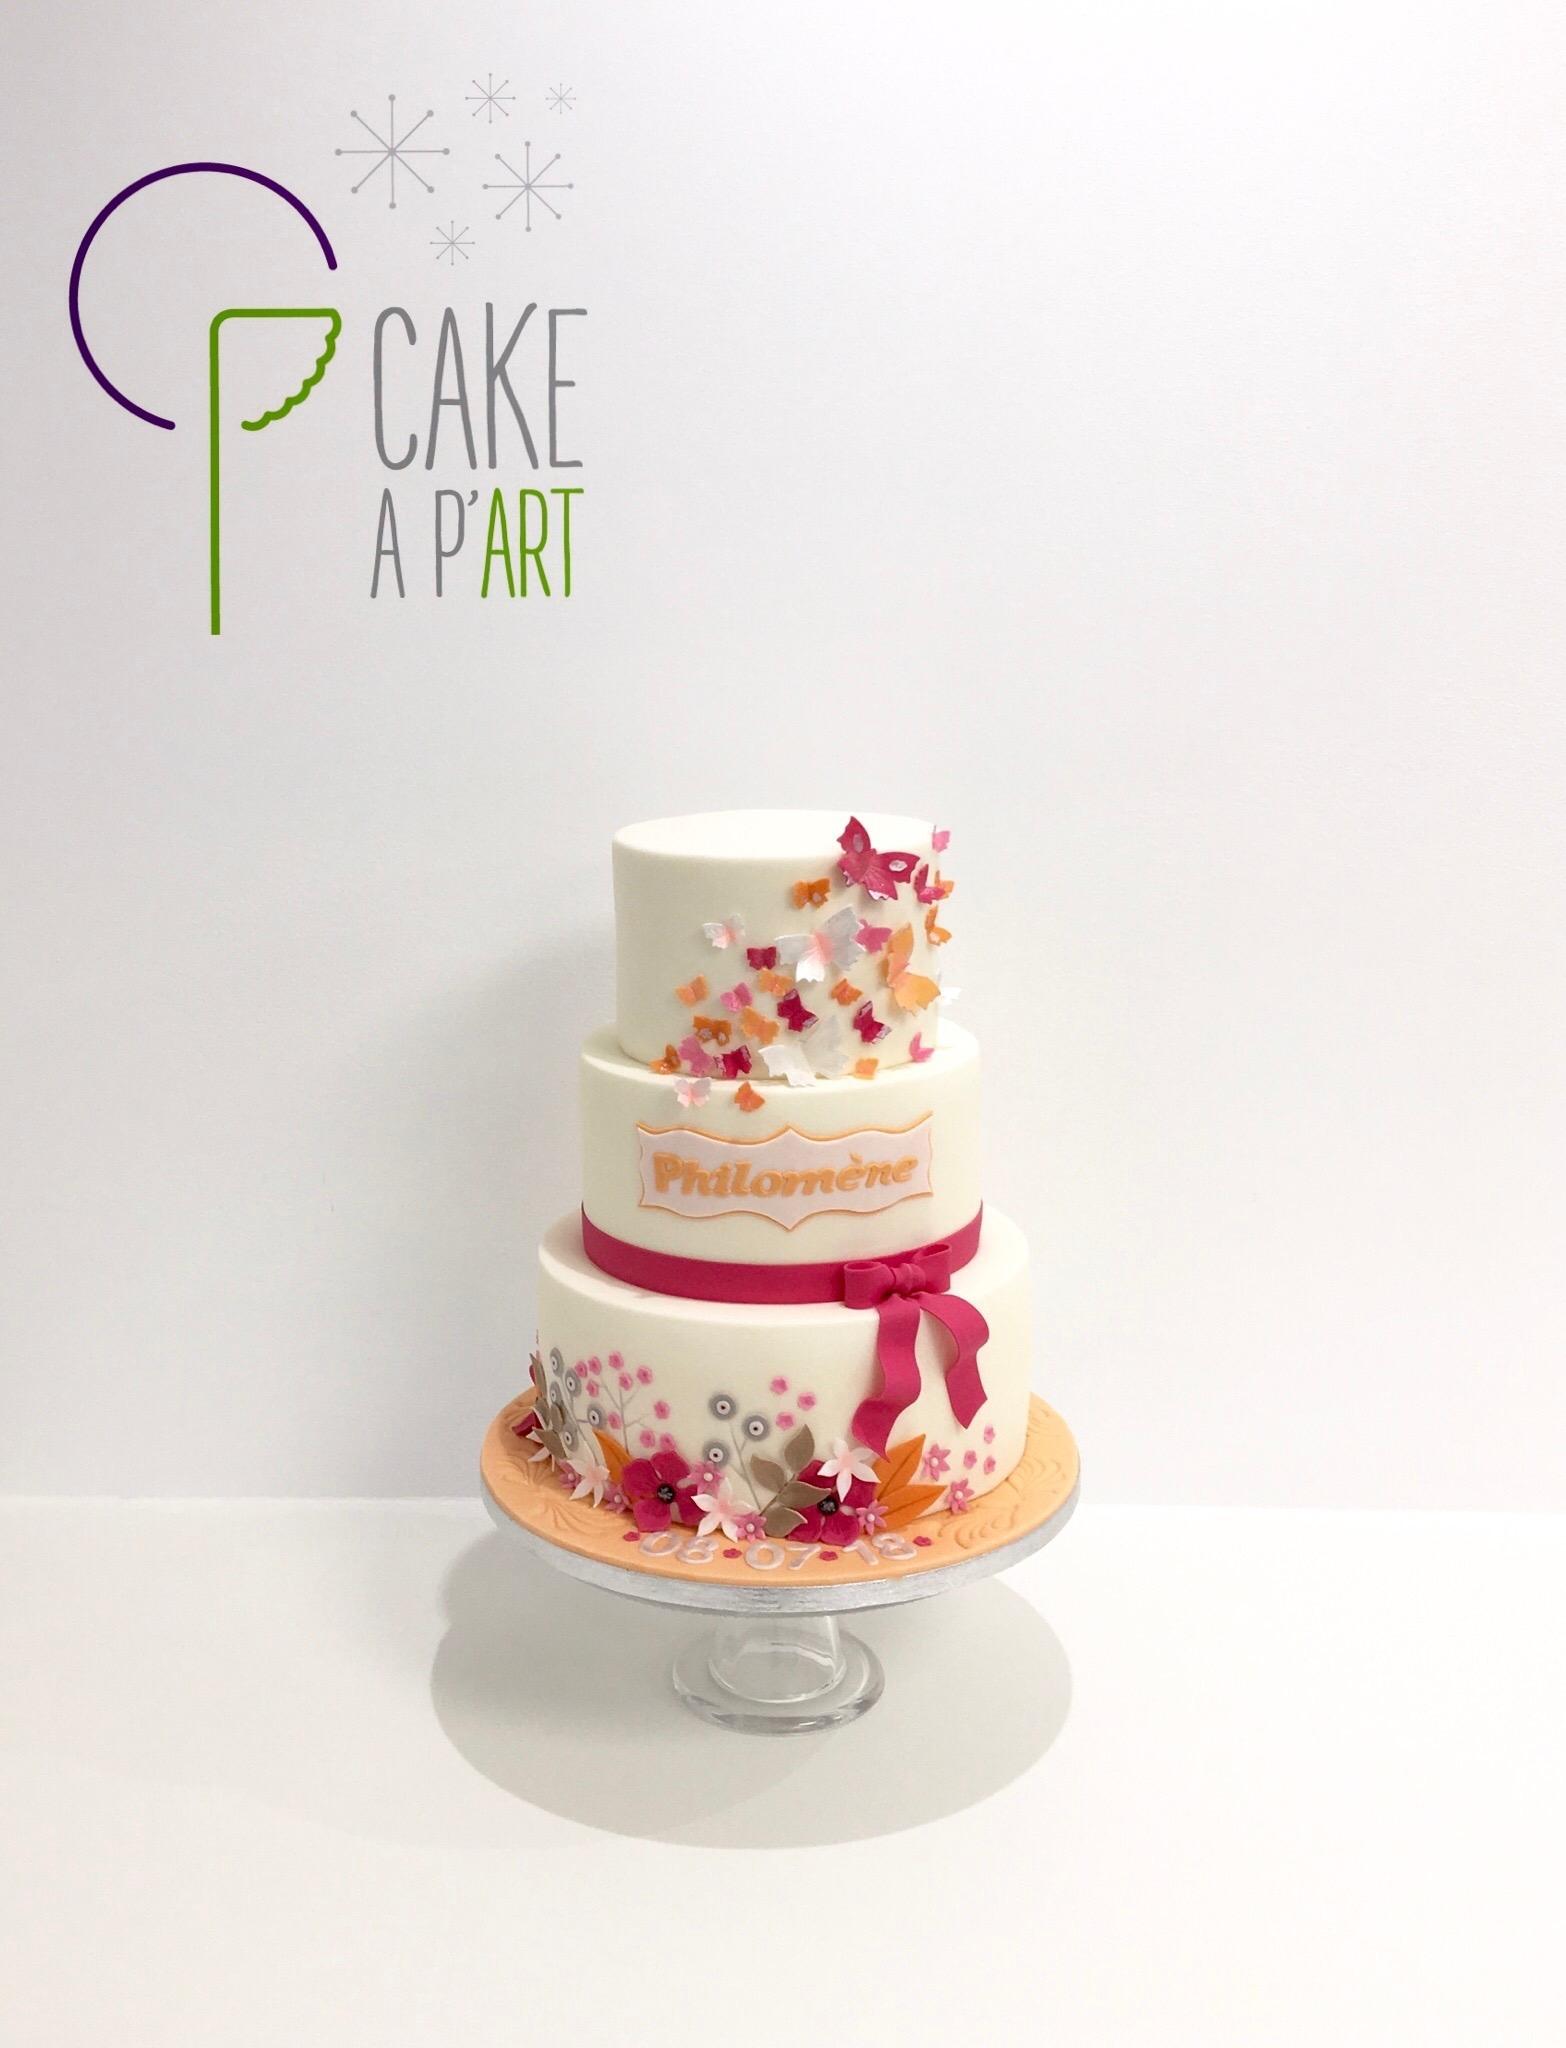 - Gâteau personnalisé baptême enfant - Thème Papillons et fleurs